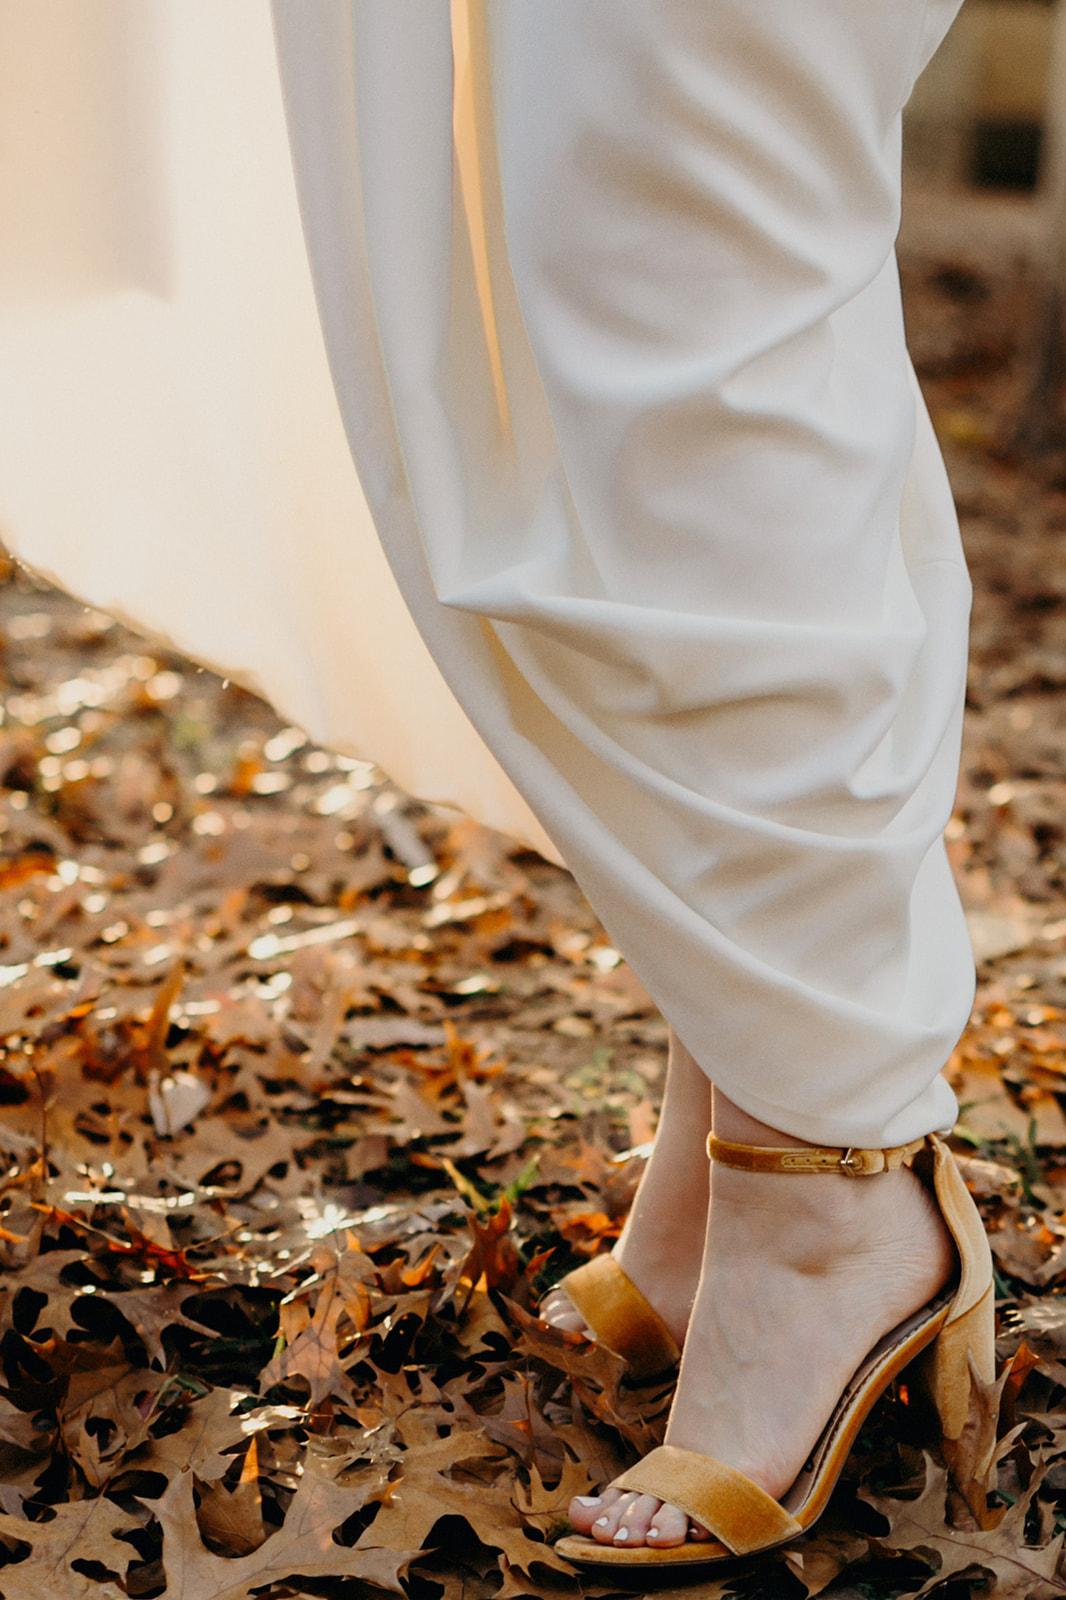 ernstwedding-173.JPG.jpg